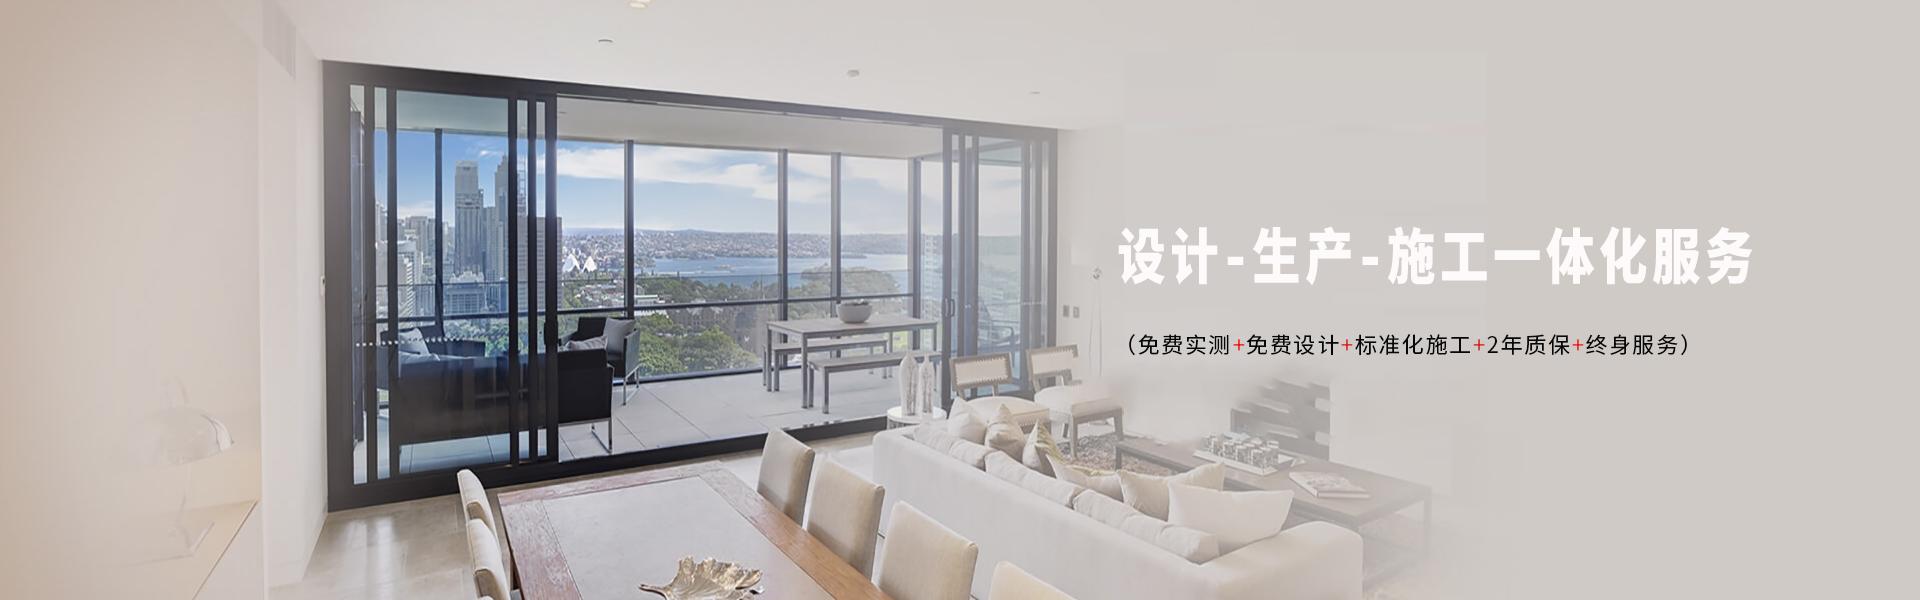 深圳门窗装修,设计-生产-安装施工-一体化服务